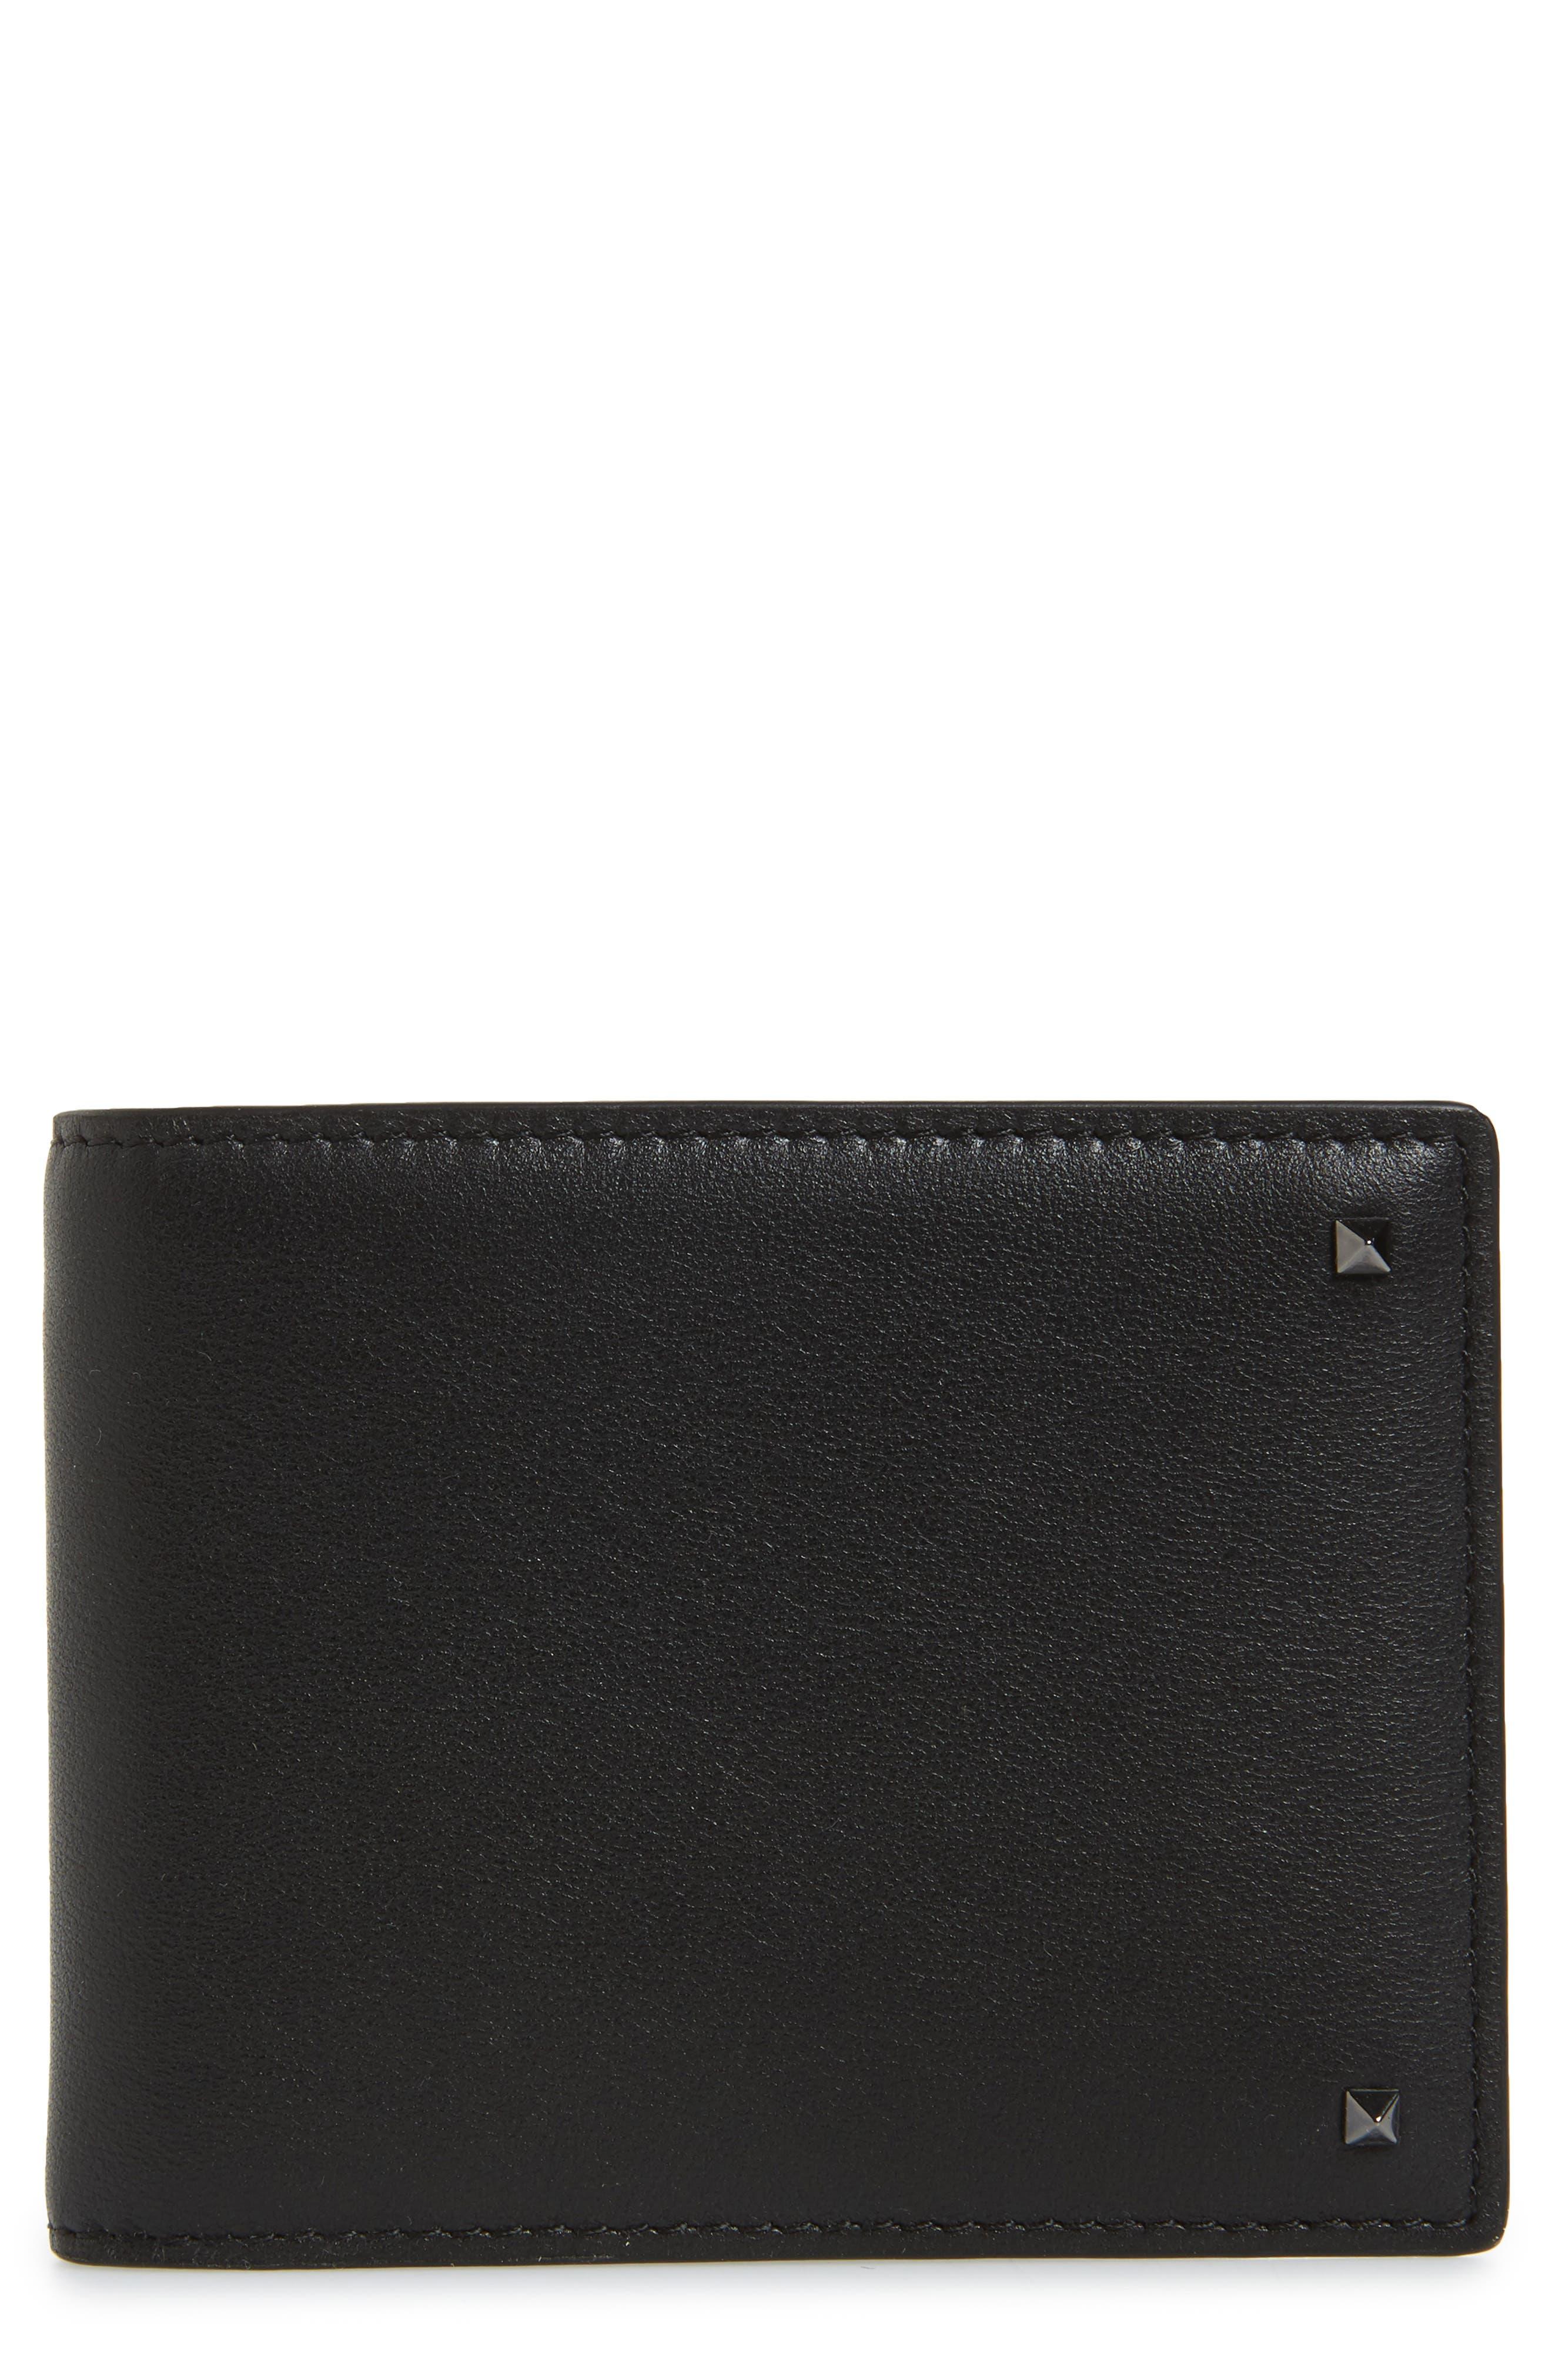 GARAVANI Stud Leather Money Clip Card Case,                             Main thumbnail 1, color,                             Black